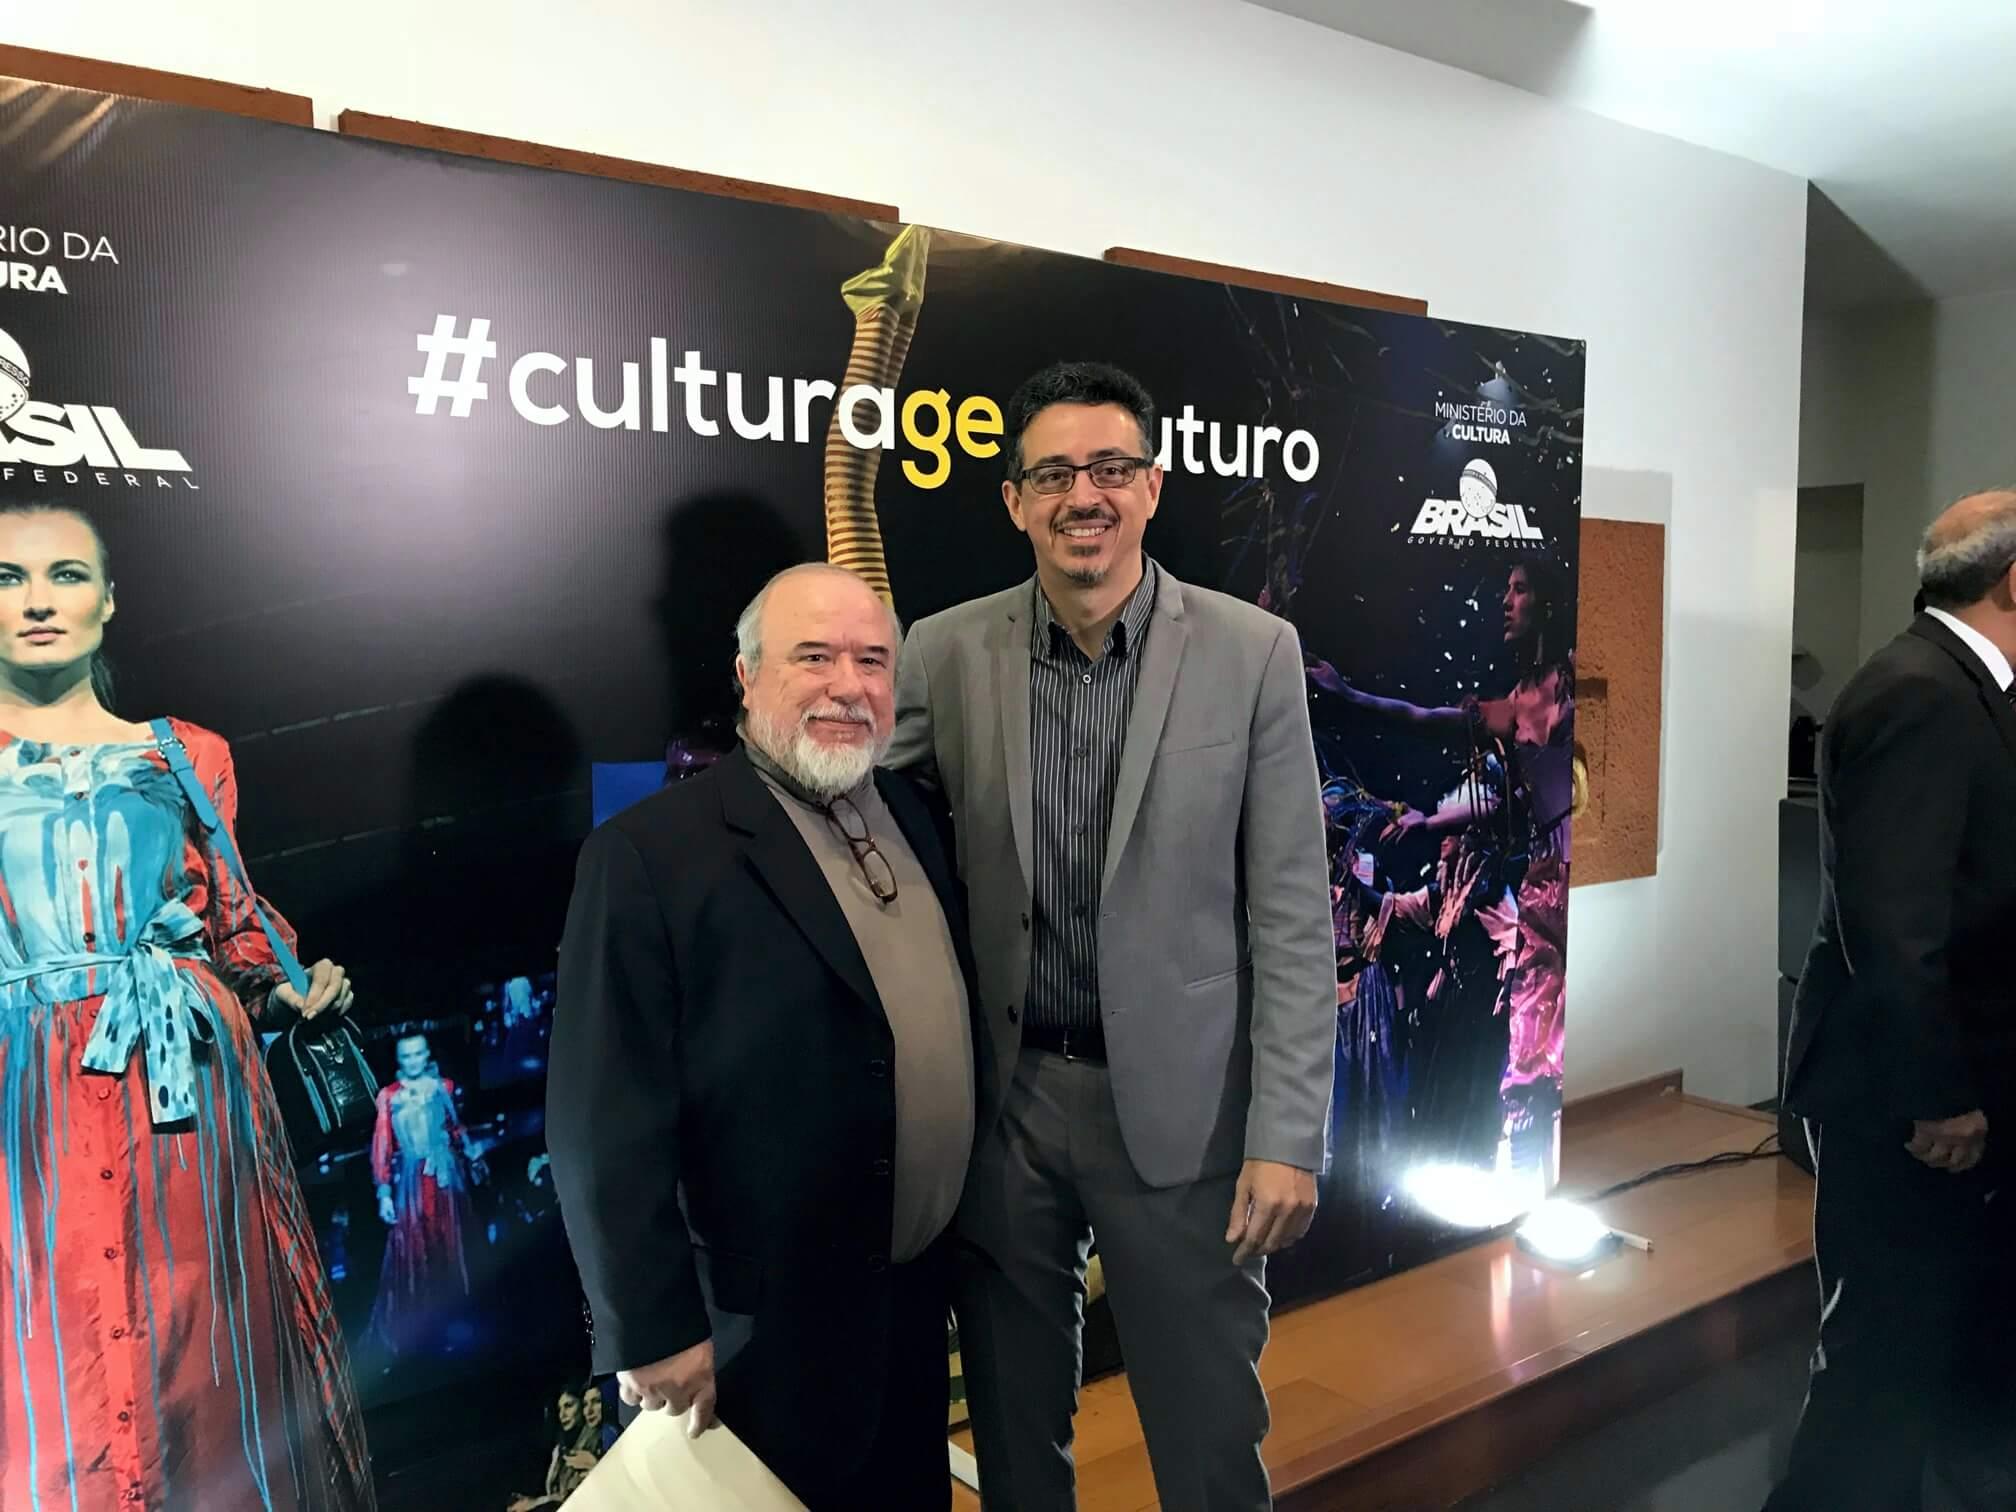 O presidente Marcus Vinicius (à esquerda) manifestou ao Ministro da Cultura o apoio da AMAR à desburocratização.